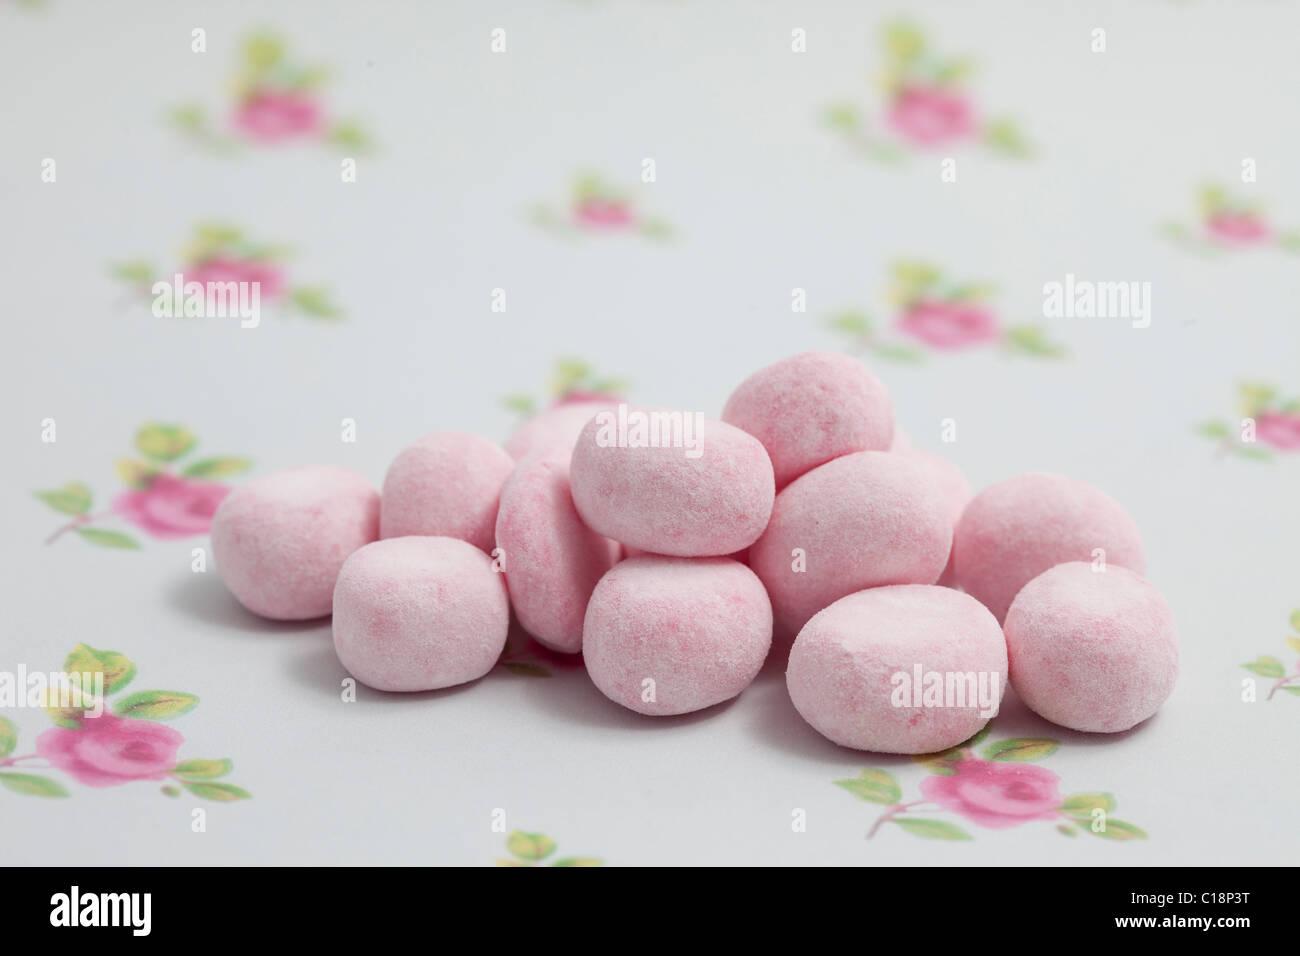 Kirsche Bonbons Bonbons und Süßigkeiten auf ein Papierhintergrund fotografiert in einem studio Stockbild